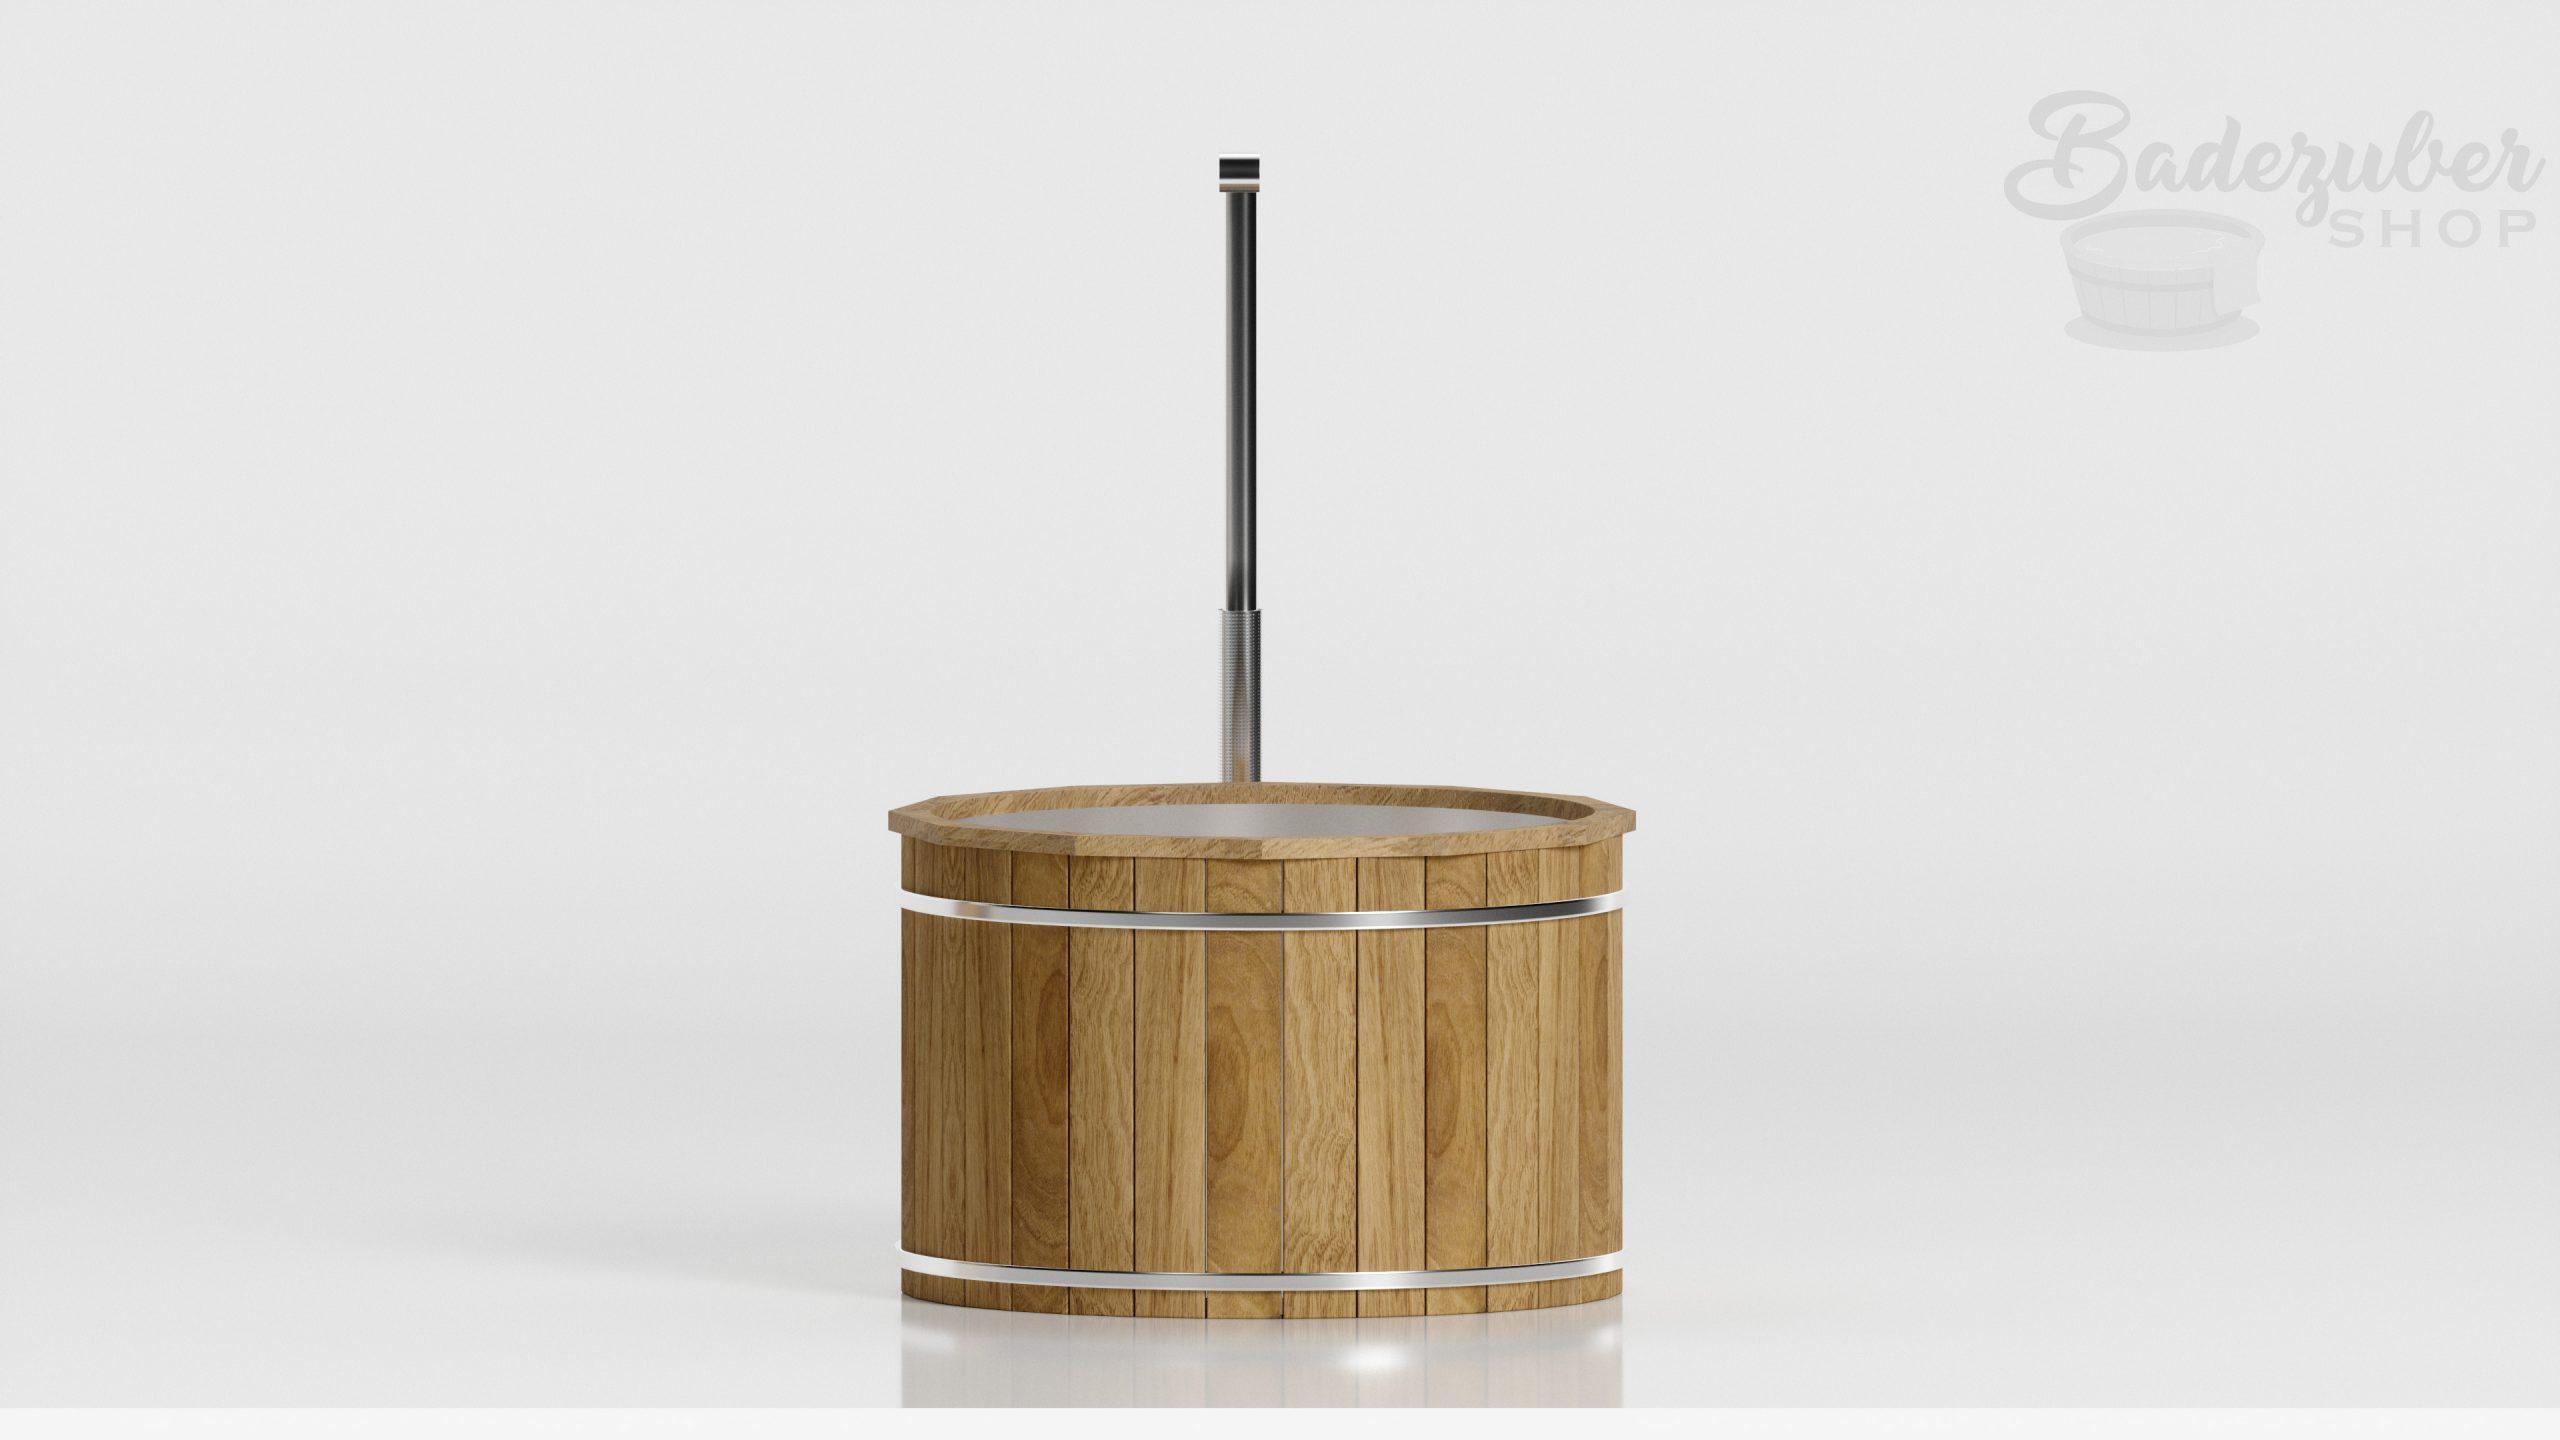 Holz Badefass mit außen Ofen - Produktbild Seitenansicht